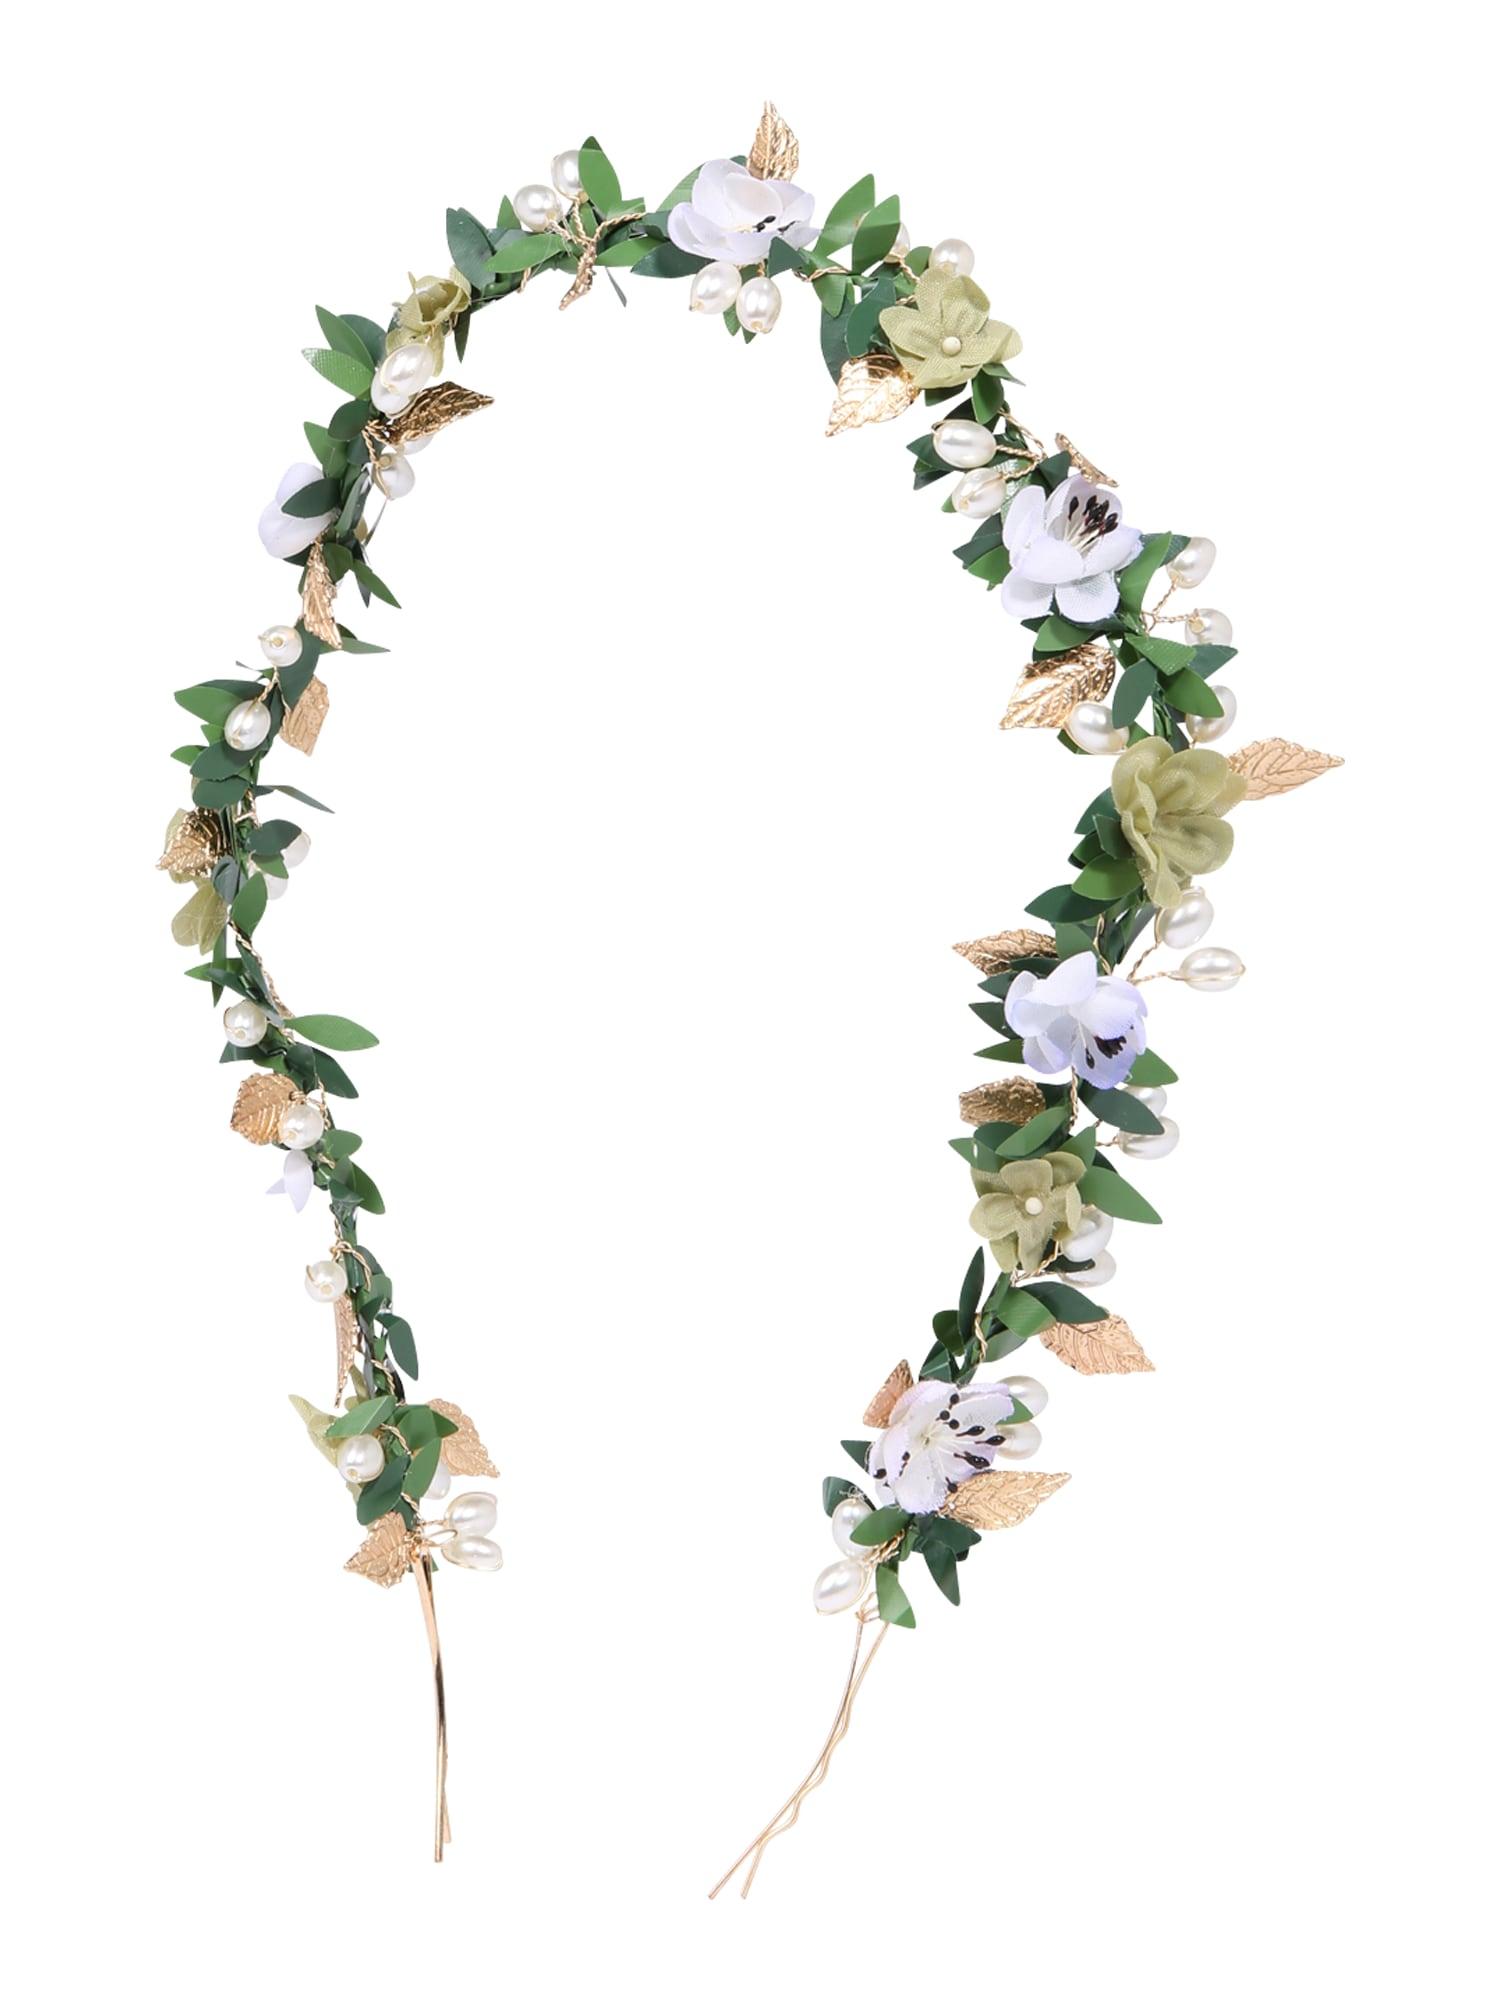 Šperky do vlasů Golden Aphrodite zlatá perlově bílá We Are Flowergirls